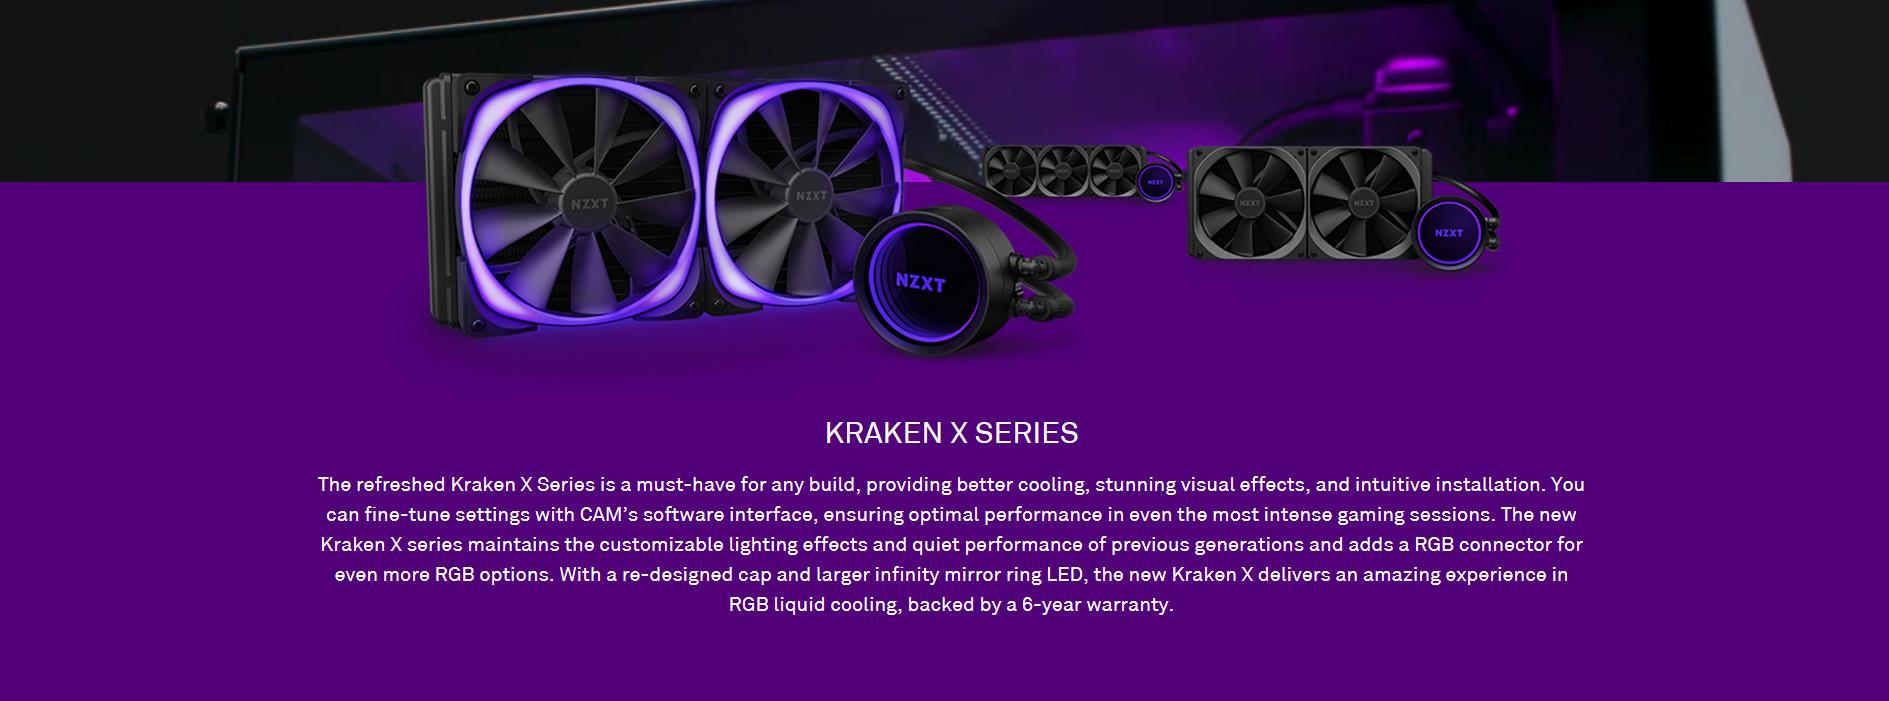 Tản nhiệt nước CPU NZXT Kraken X53 RGB với vòng led vô cựclớn hơn và có thể xoay được tự do